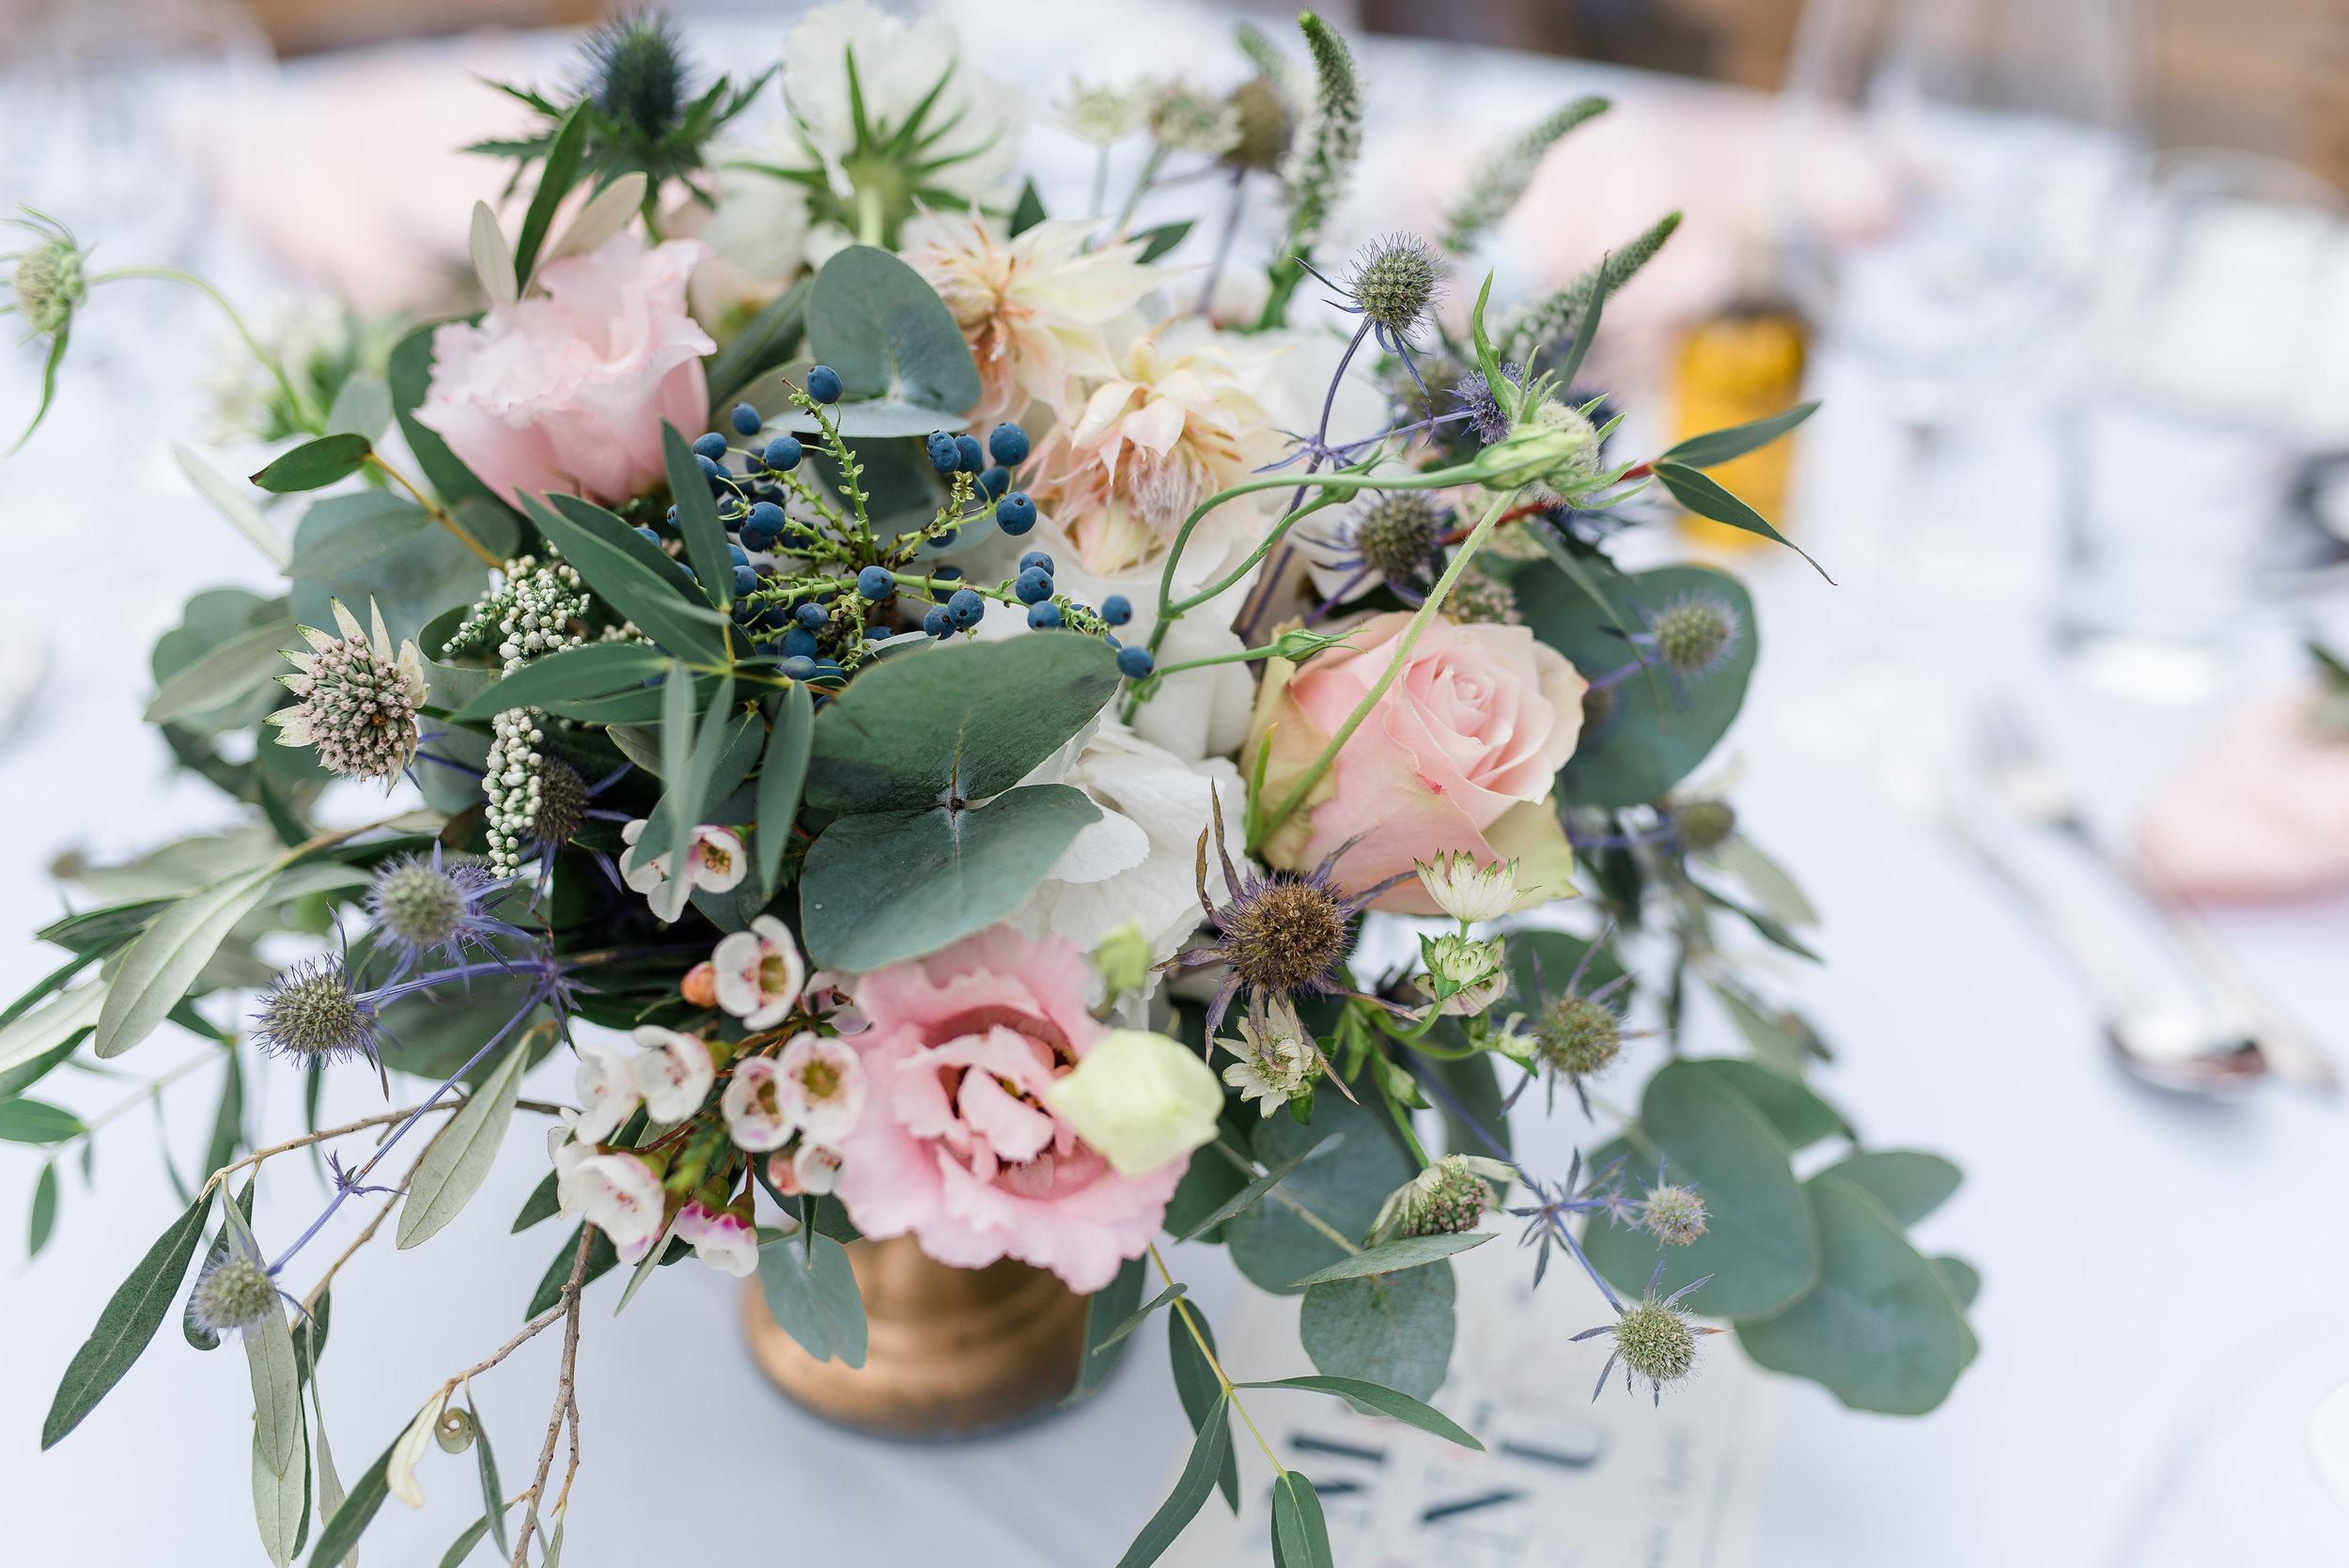 rosemarrylemon_Hochzeit_ES_Hochzeitsdeko6.jpg